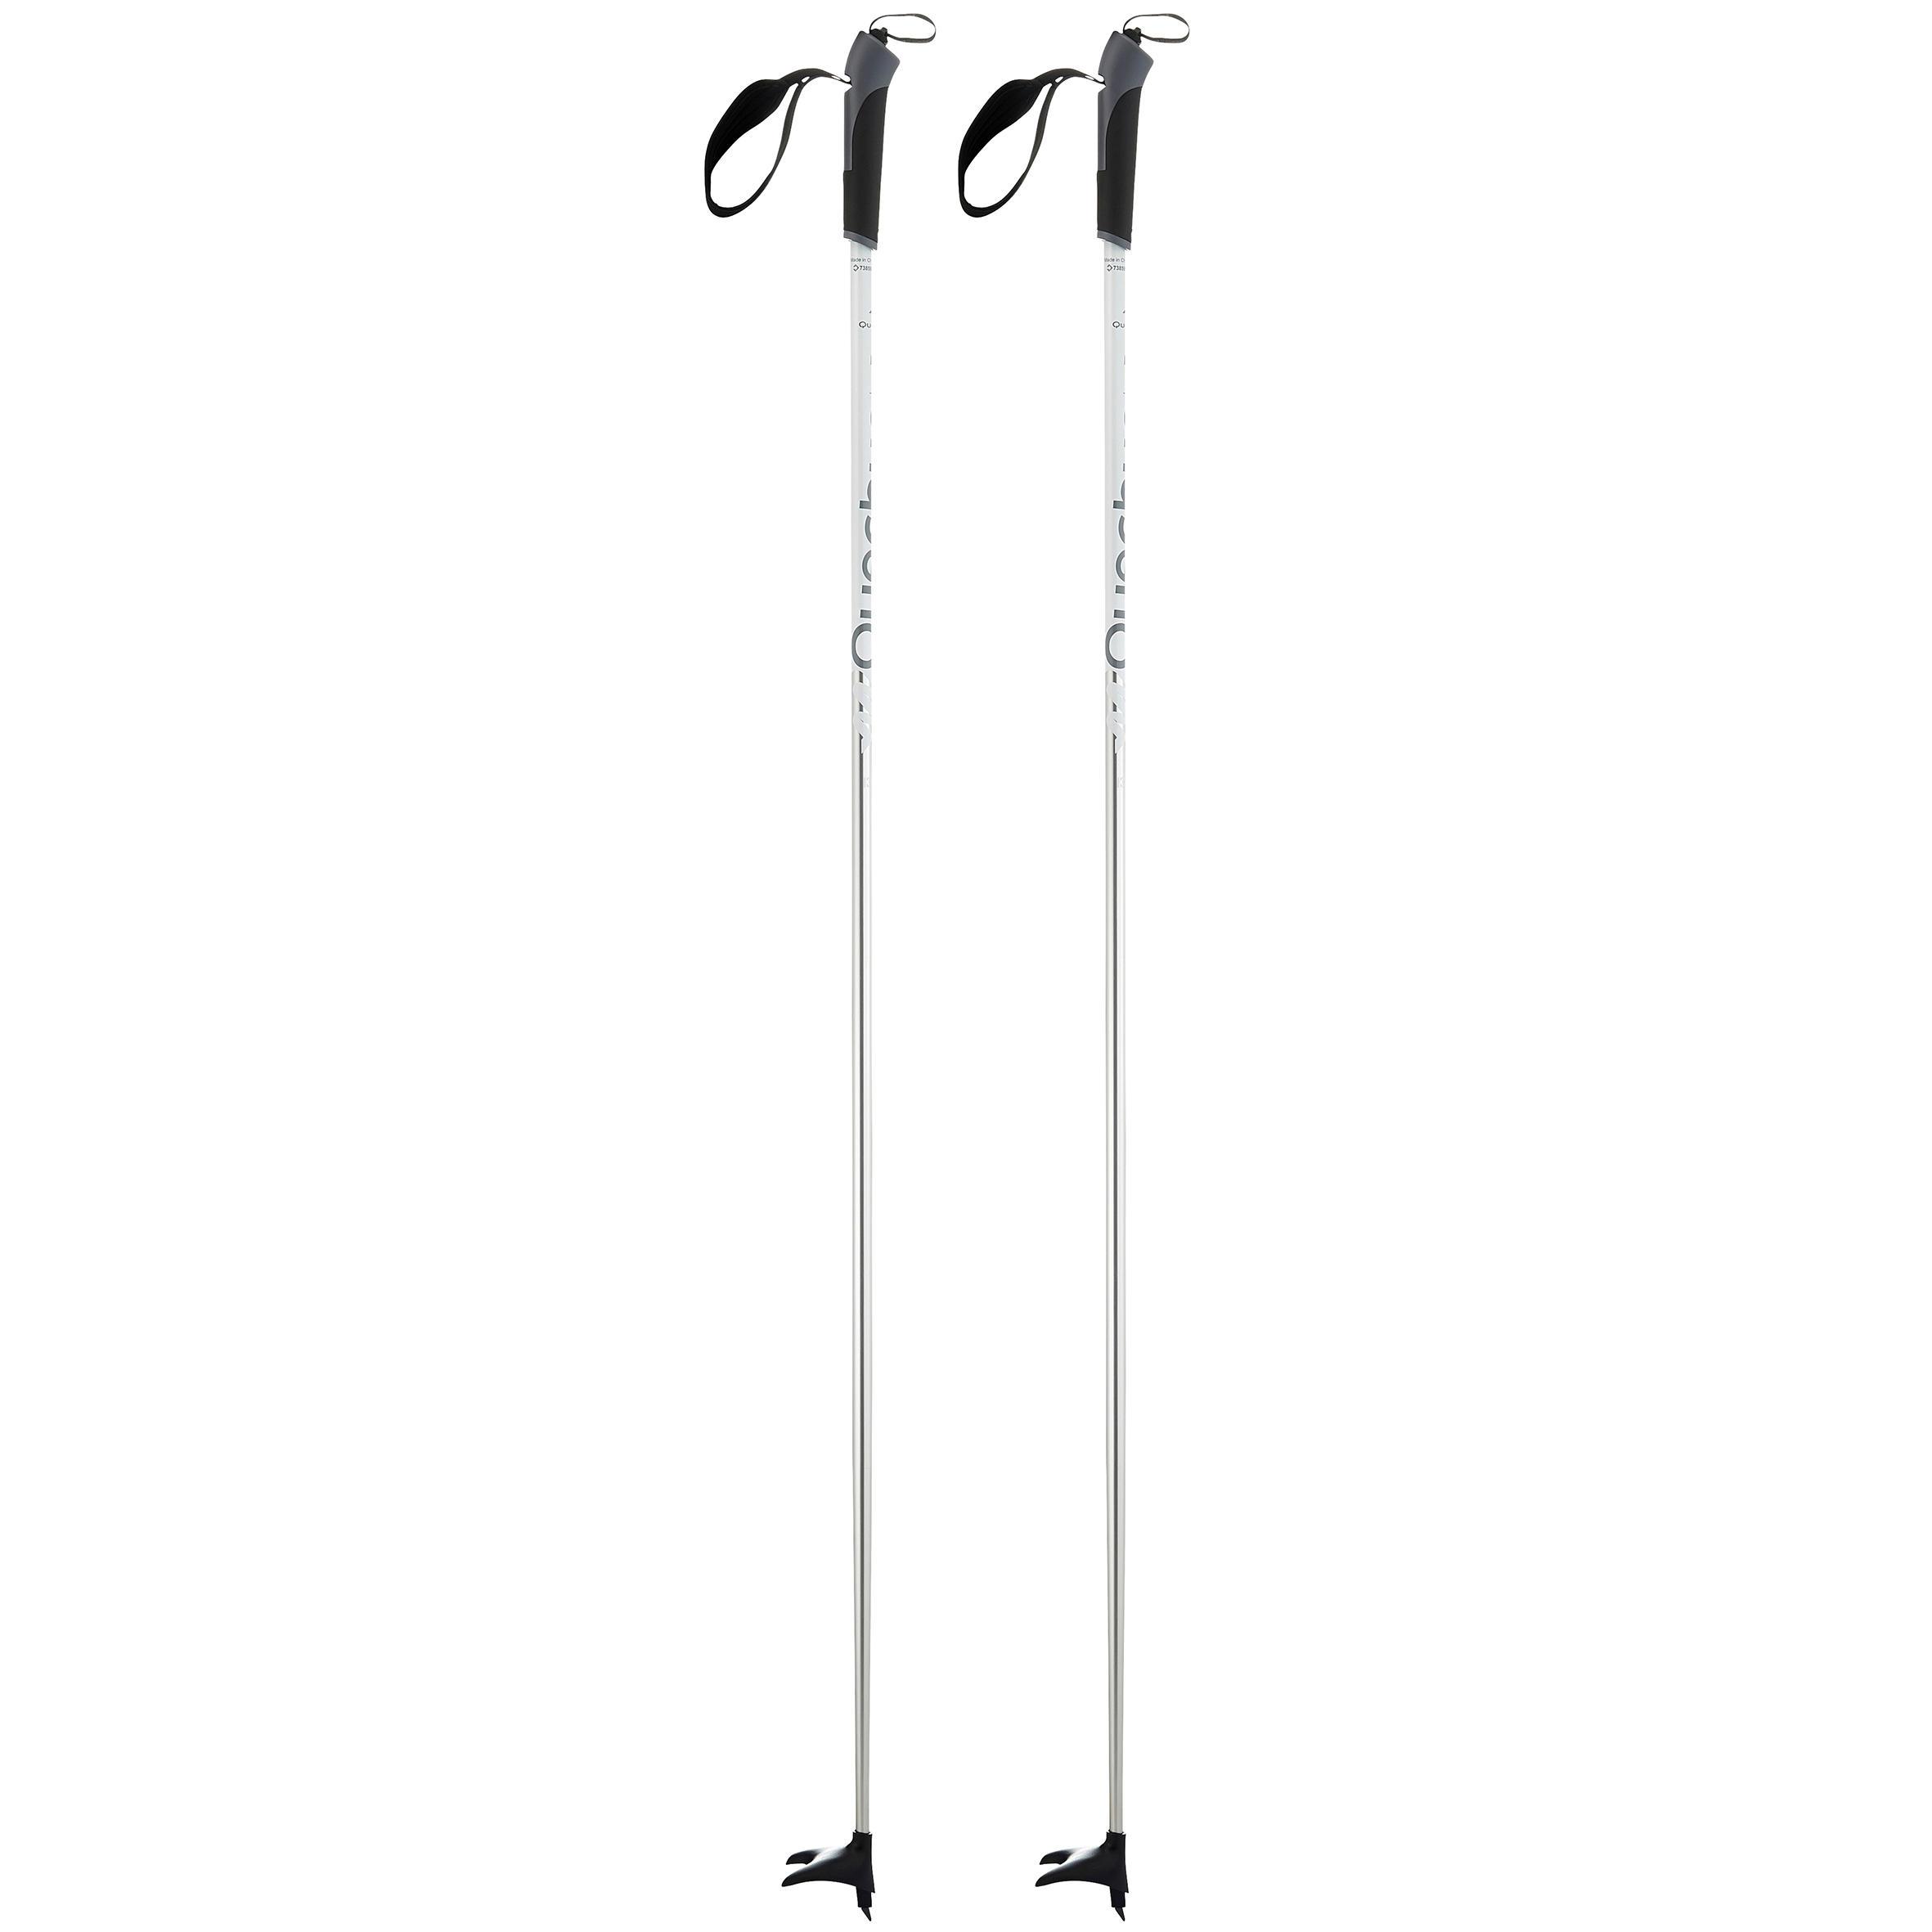 Quechua Stokken voor recreatief langlaufen Nordic 100 thumbnail